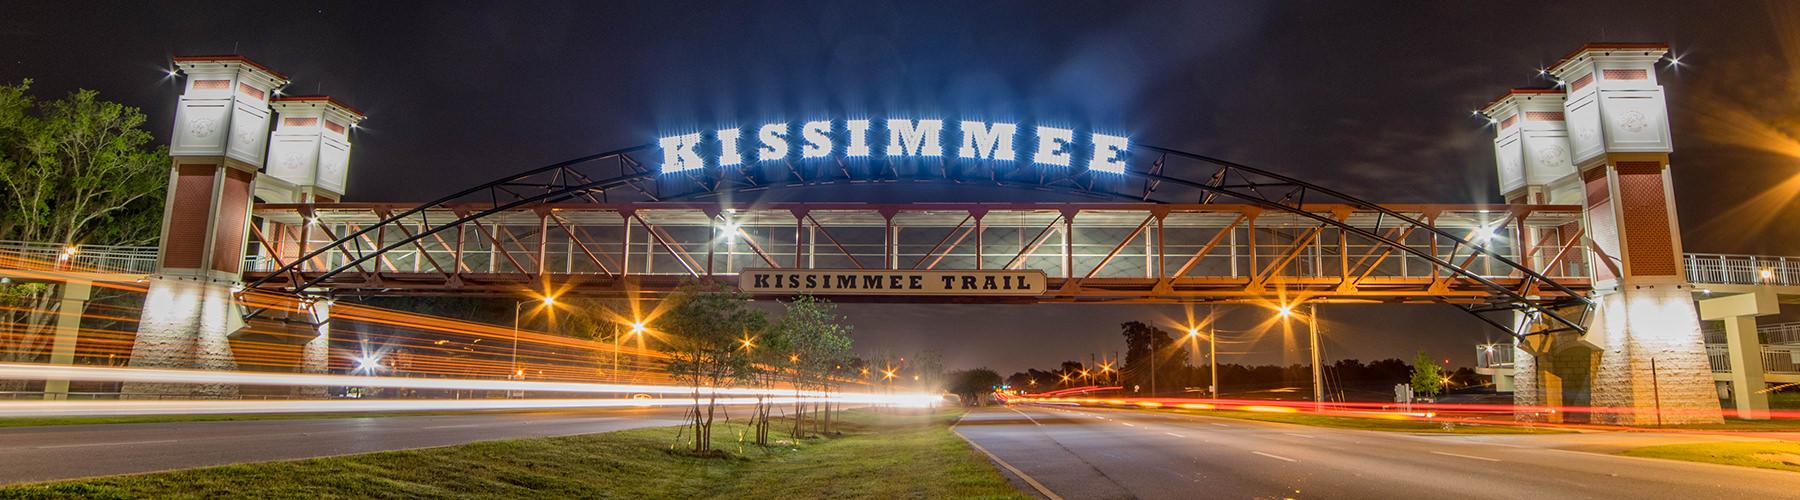 kissimmee-chamber-slider1